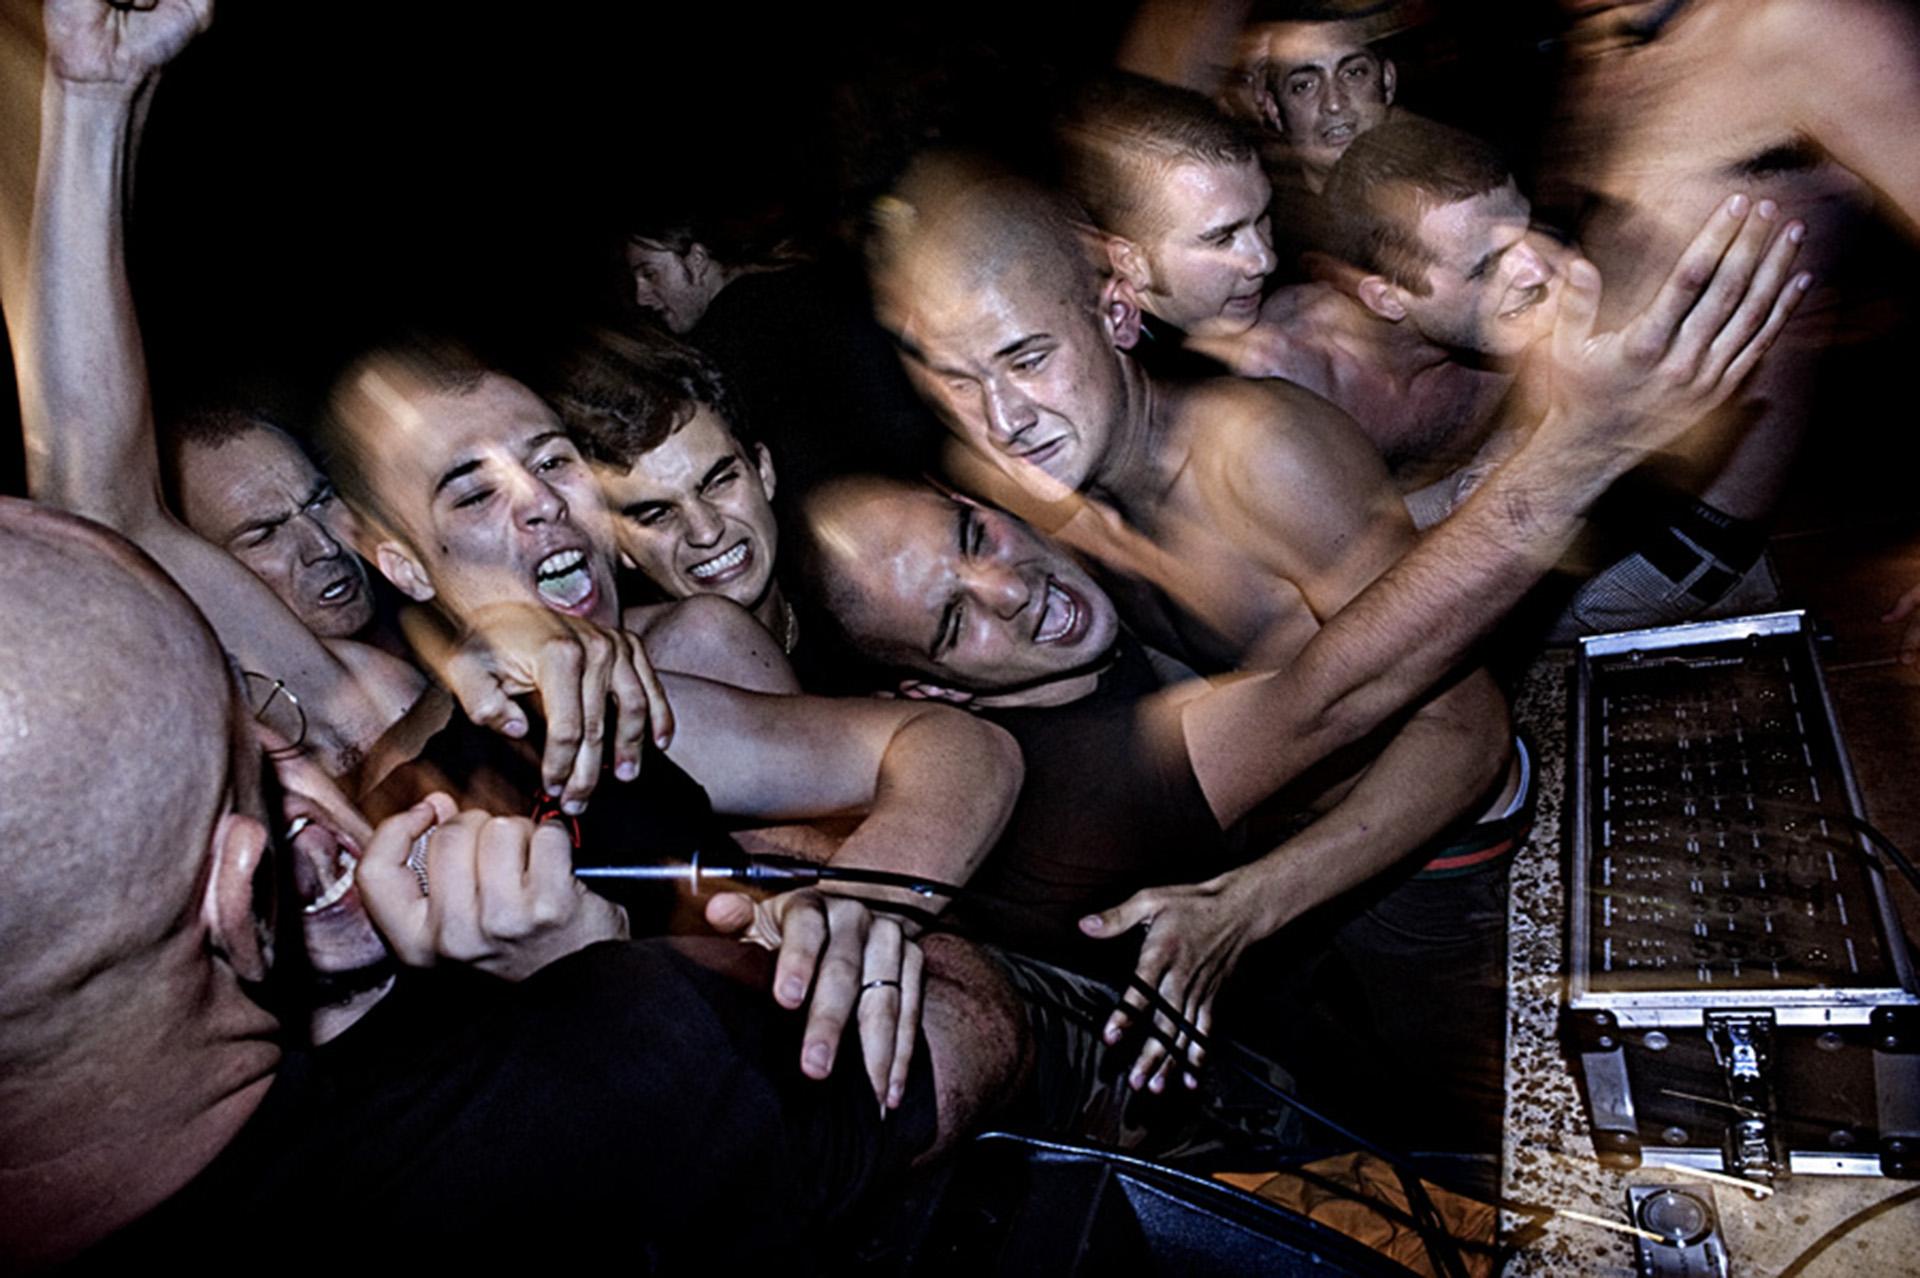 Fascitas en un concierto de rock neonazi en Padova, Italia